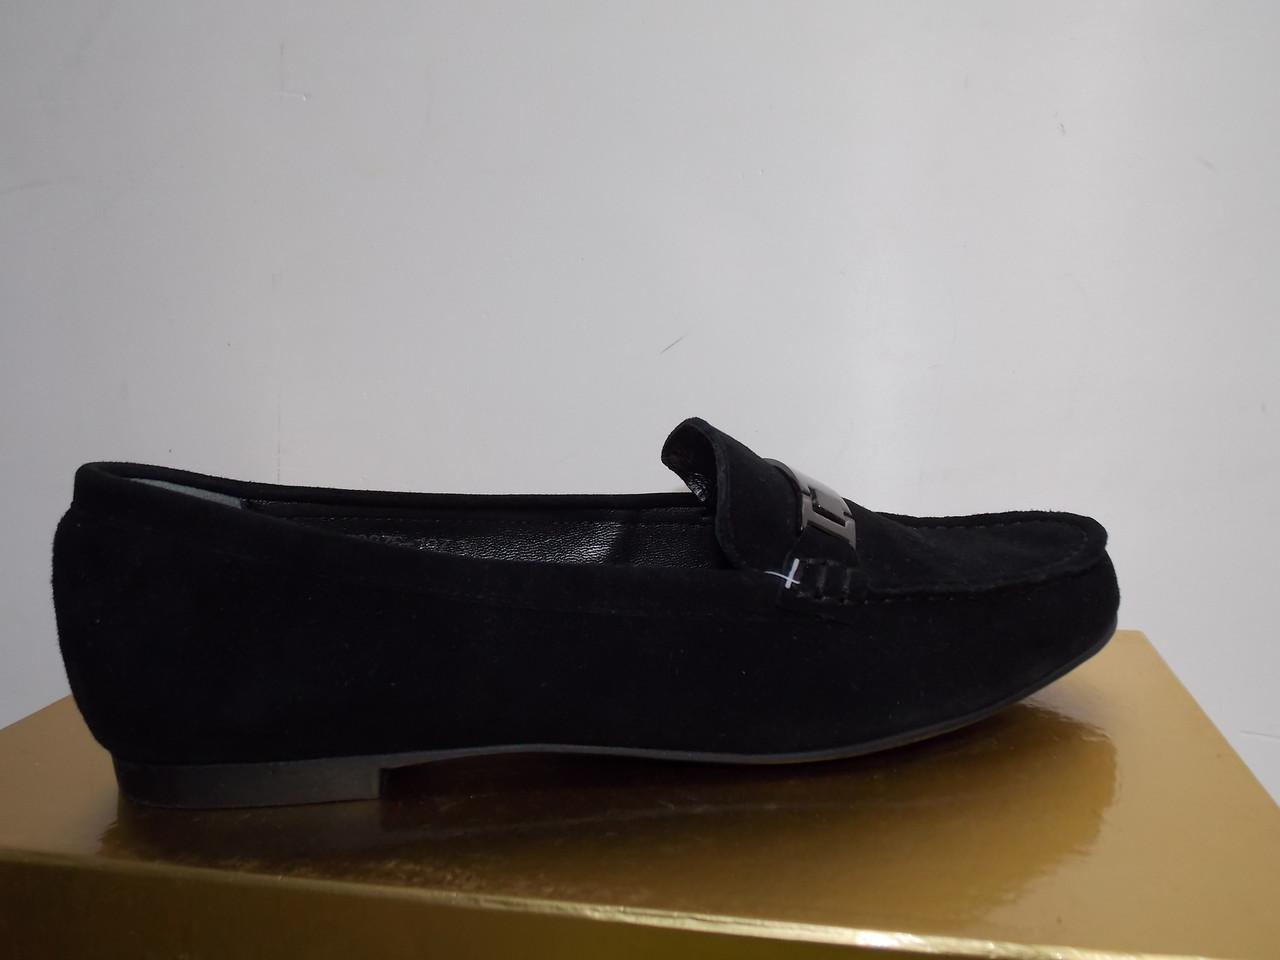 Женские балетки Ferragamo 876 черные замшевые